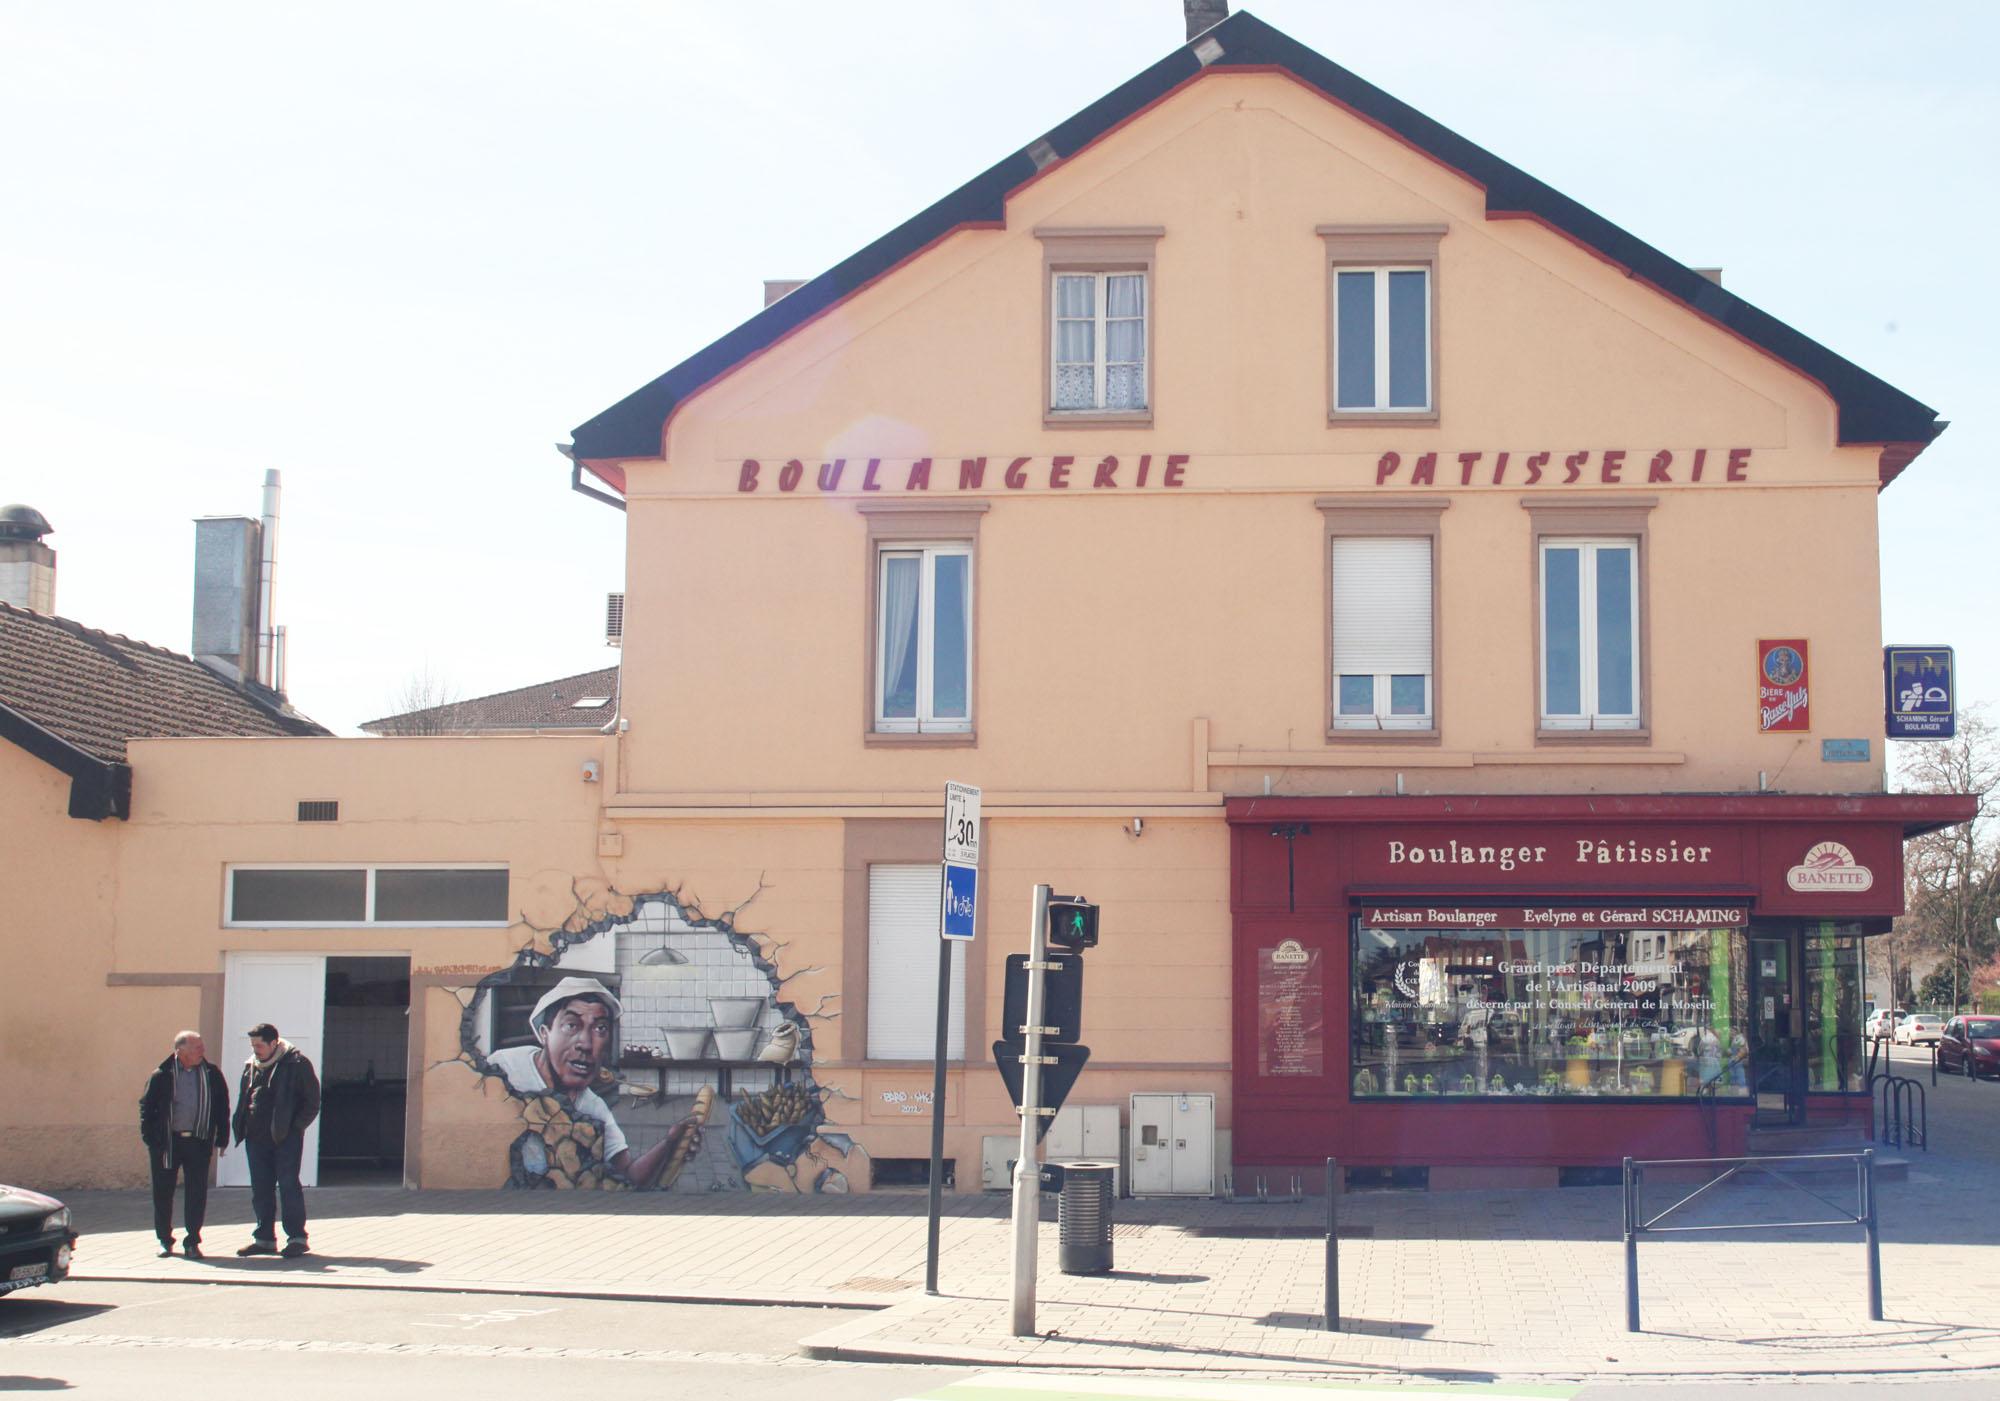 http://graffeur.ch/wp-content/uploads/2012/04/boulangerie_ensemble_trompe-loeil.jpg